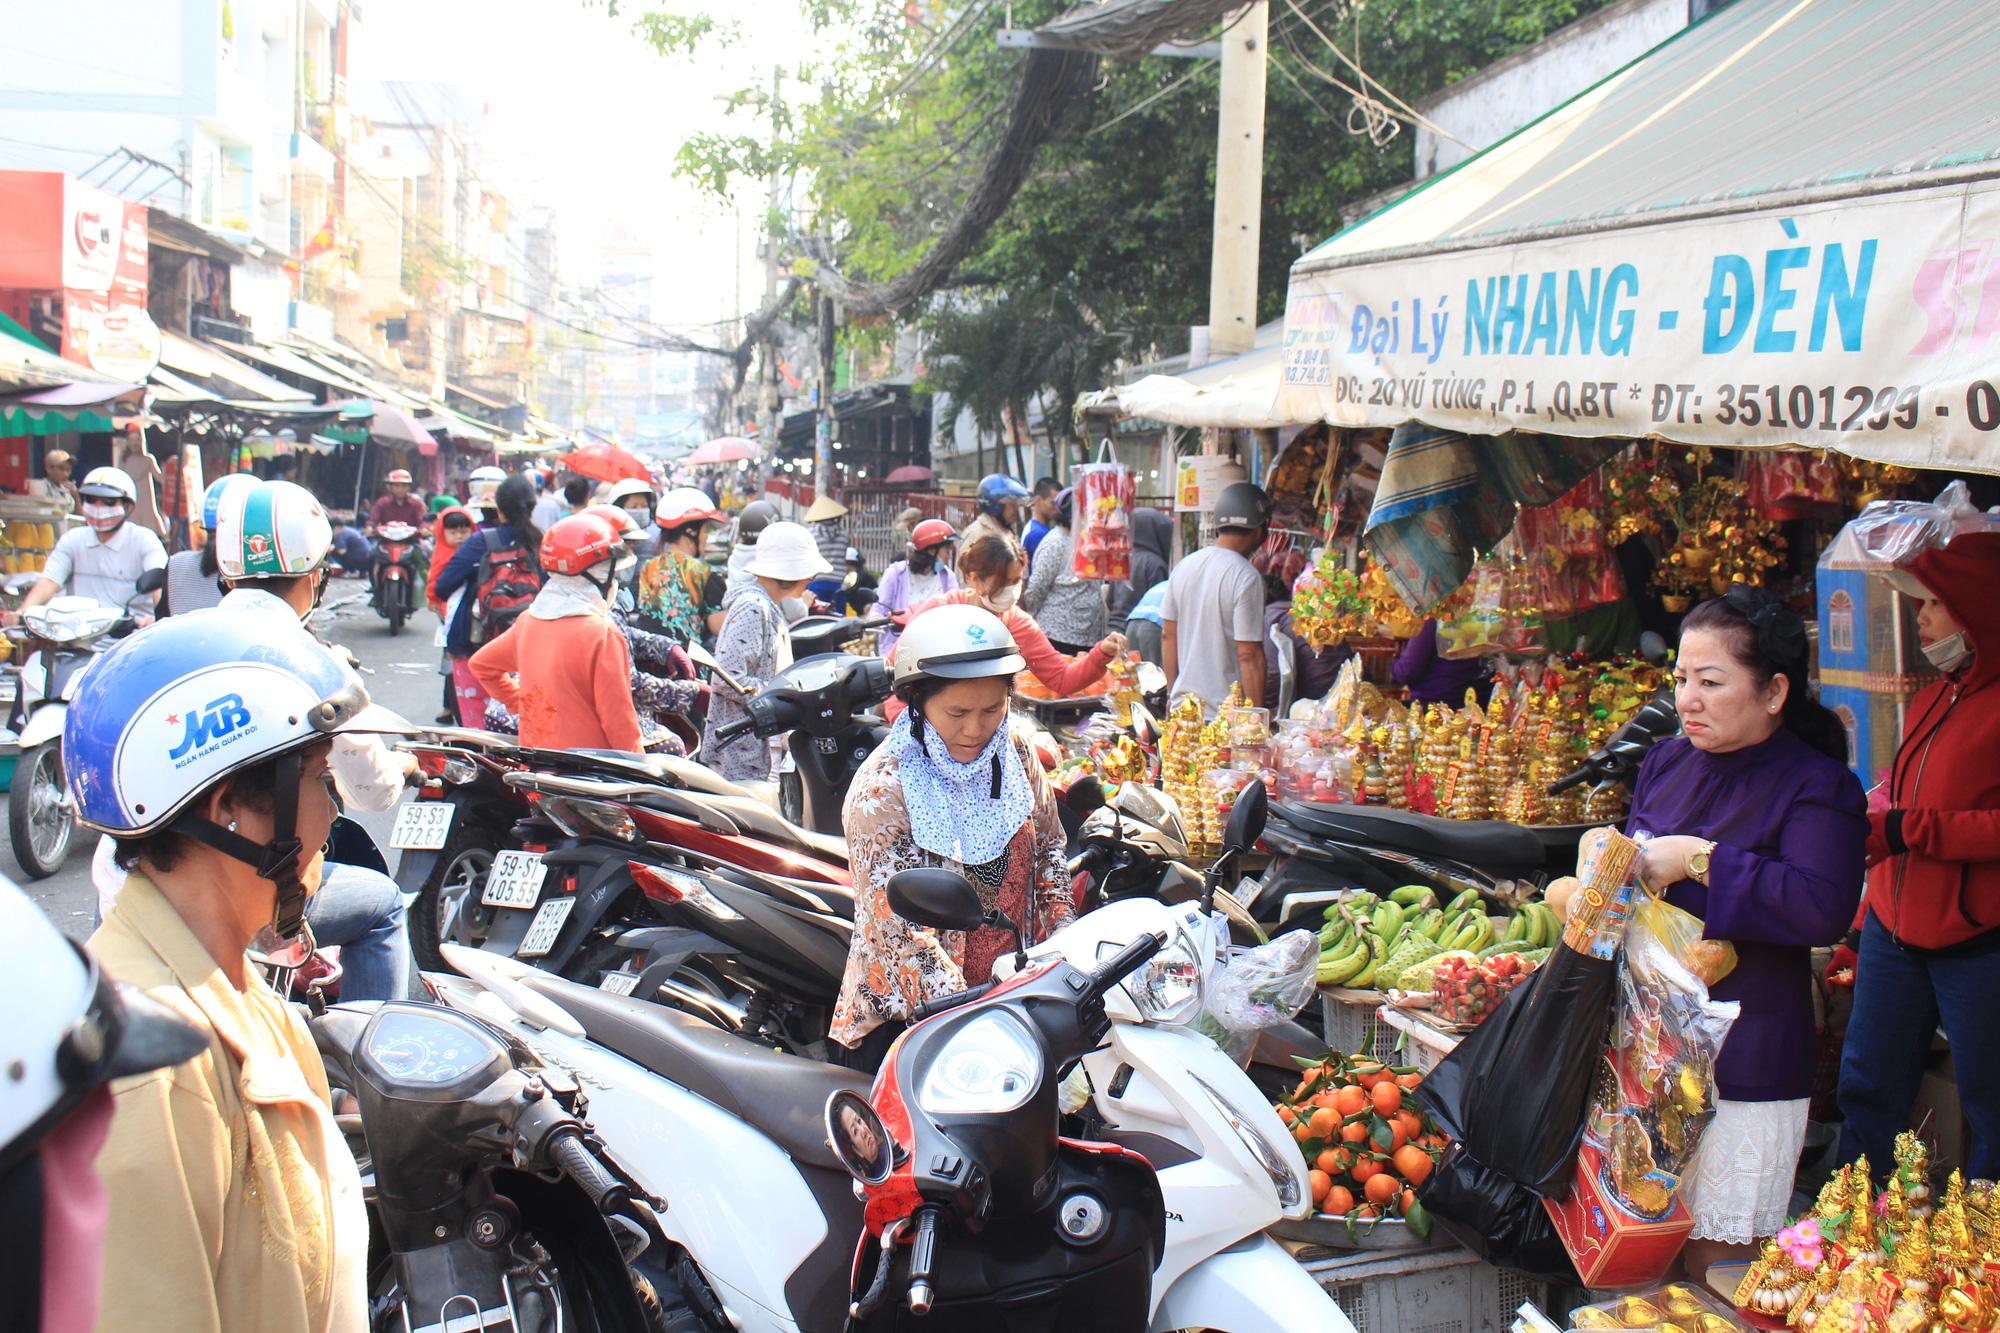 Người Sài Gòn tranh thủ sắm đồ cúng ông Công, ông Táo: Vàng mã hốt bạc, cá chép đìu hiu - Ảnh 2.